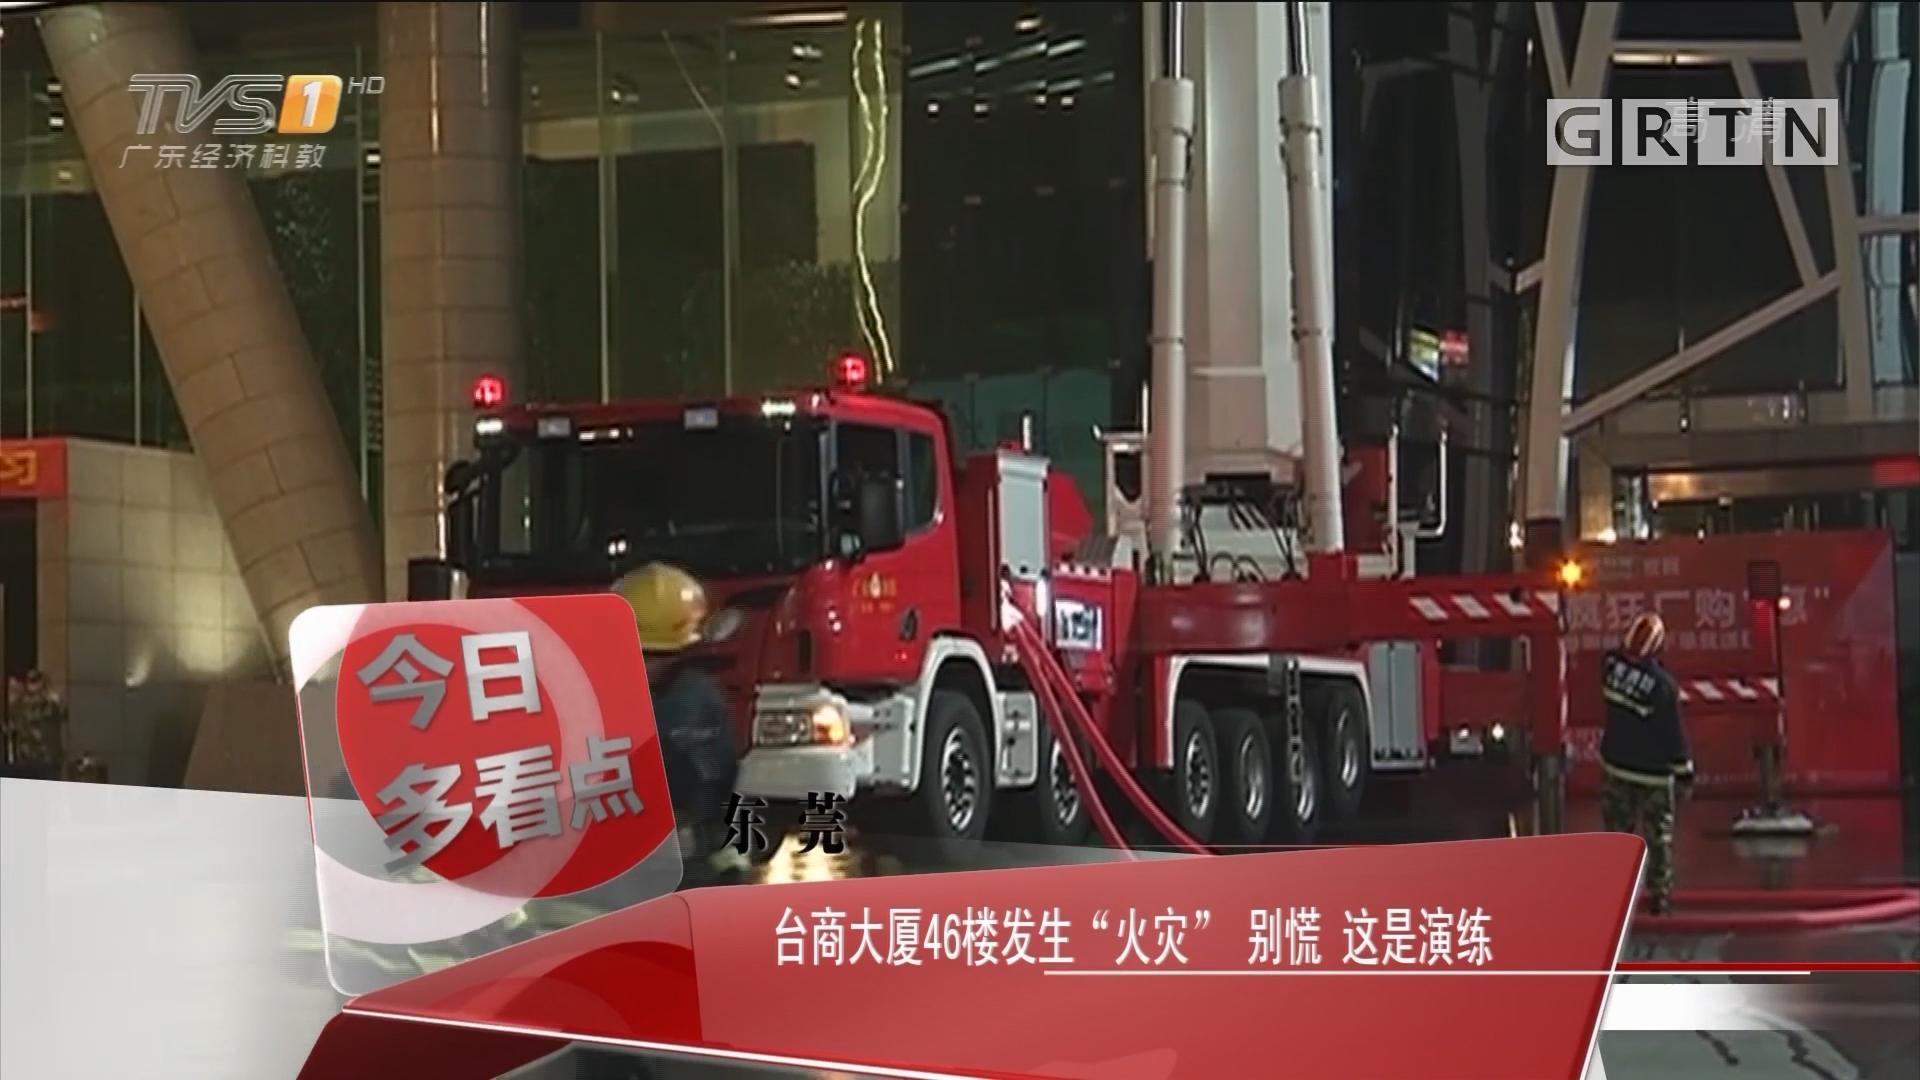 """东莞:台商大厦46楼发生""""火灾""""别慌 这是演练"""